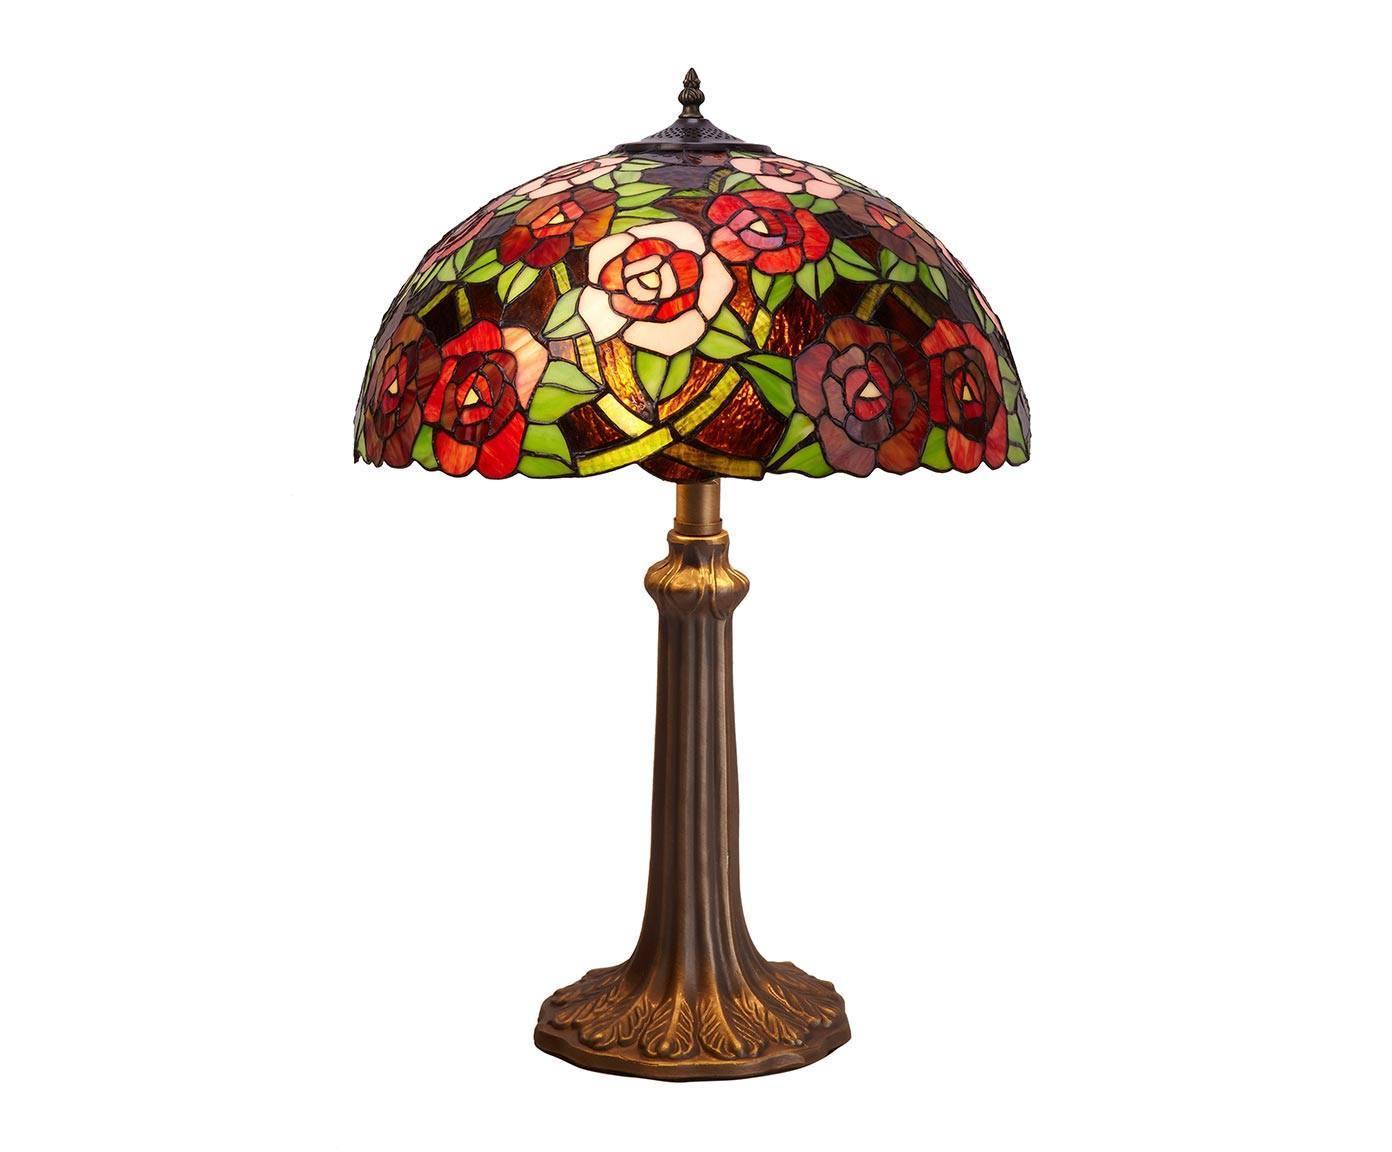 DécorativeWestwing Lampe Trouvez Trouvez Votre Votre txsQrChd